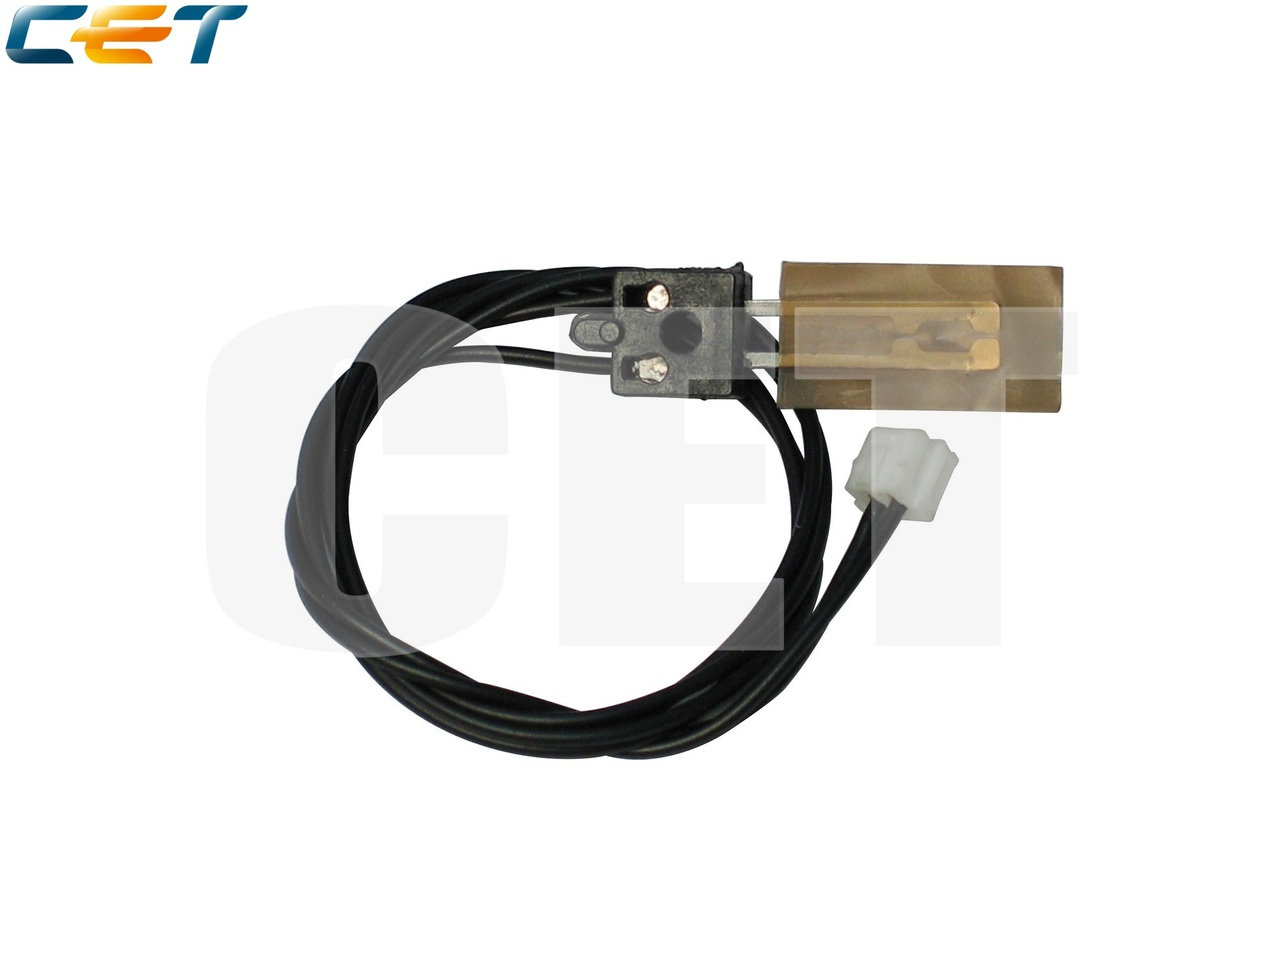 Термистор AW10-0073 для RICOH Aficio 1015/1018 (CET),CET6283